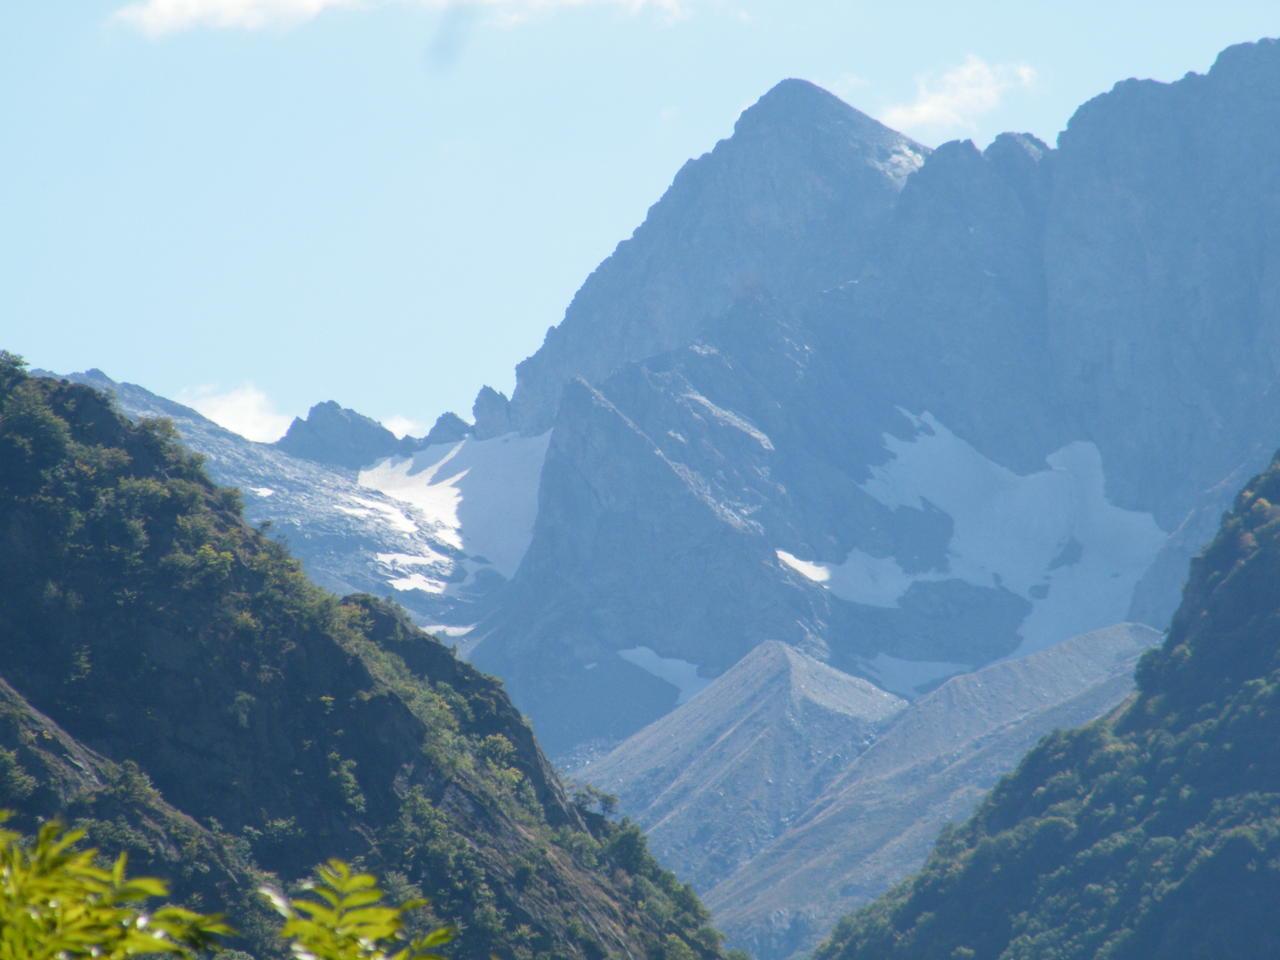 situazione ghiacciaio clapier e peirabroc-dscf9112.jpg